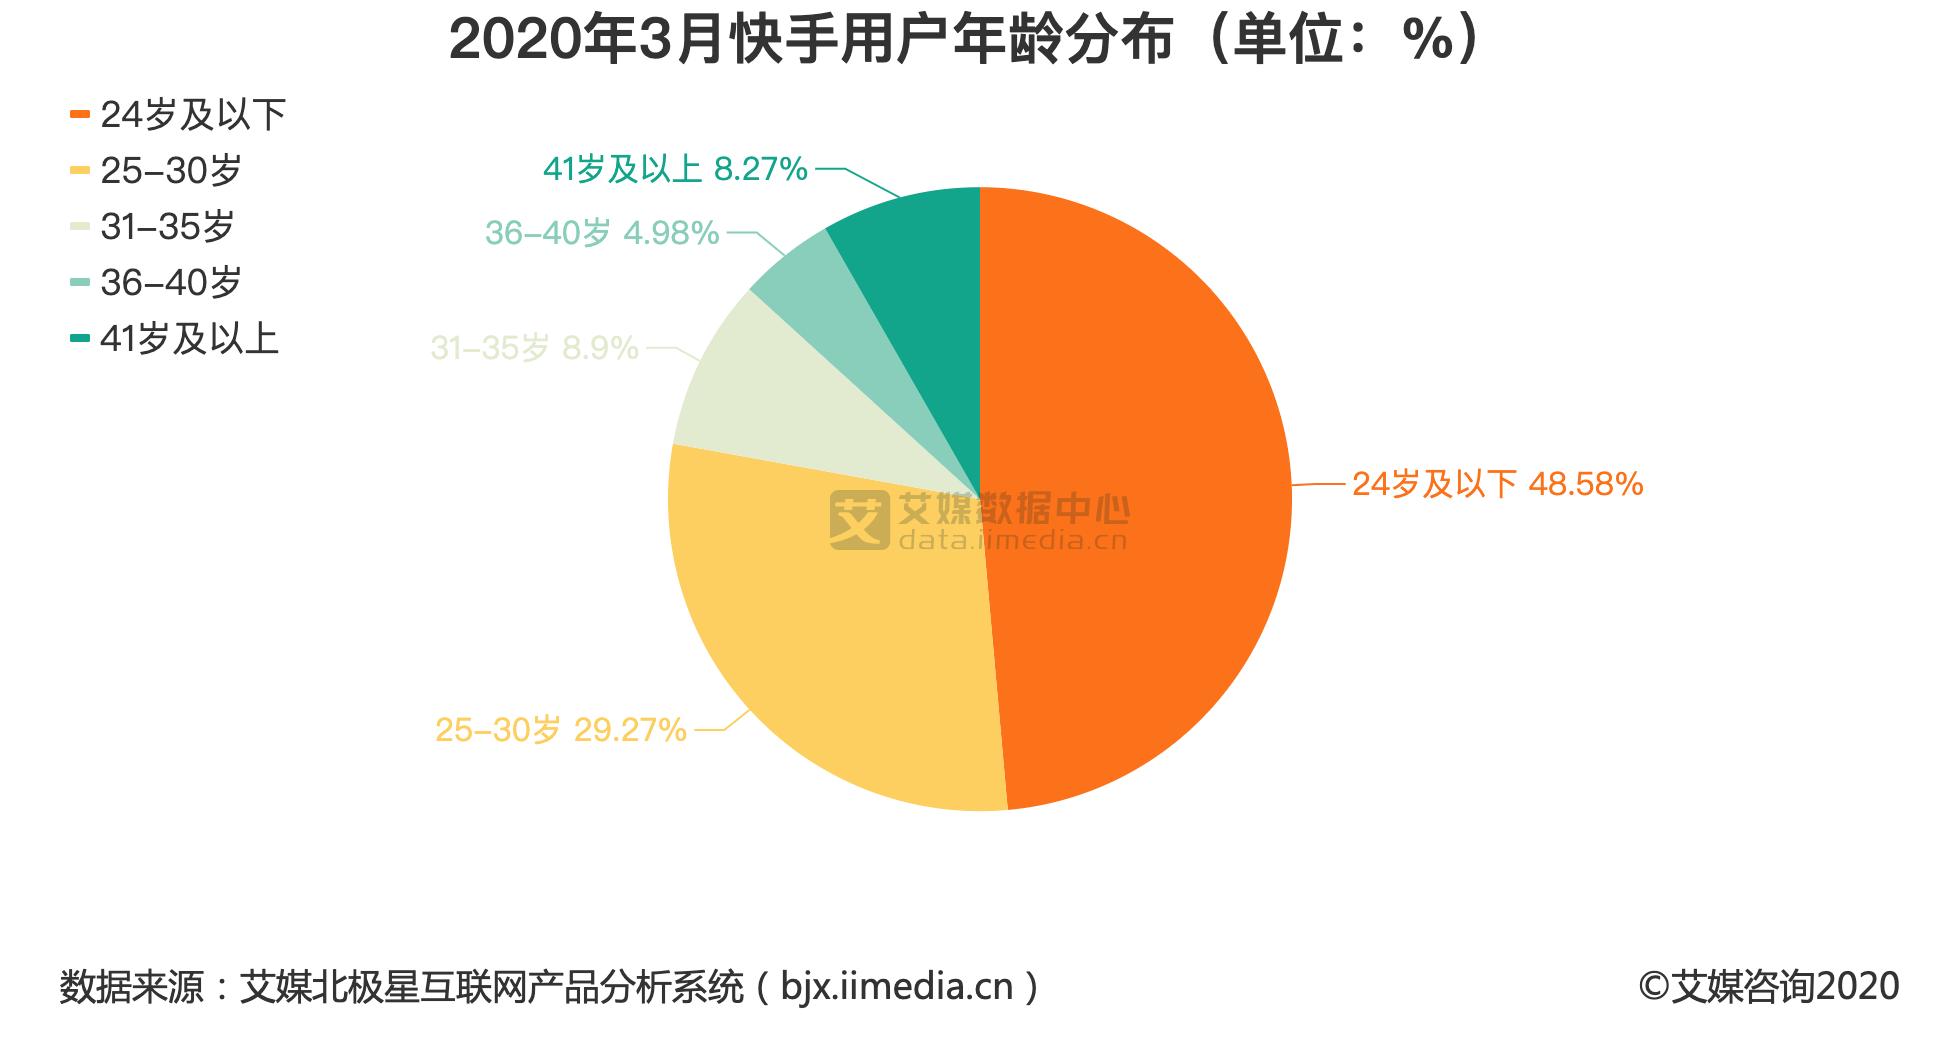 2020年3月快手用户年龄分布(单位:%)